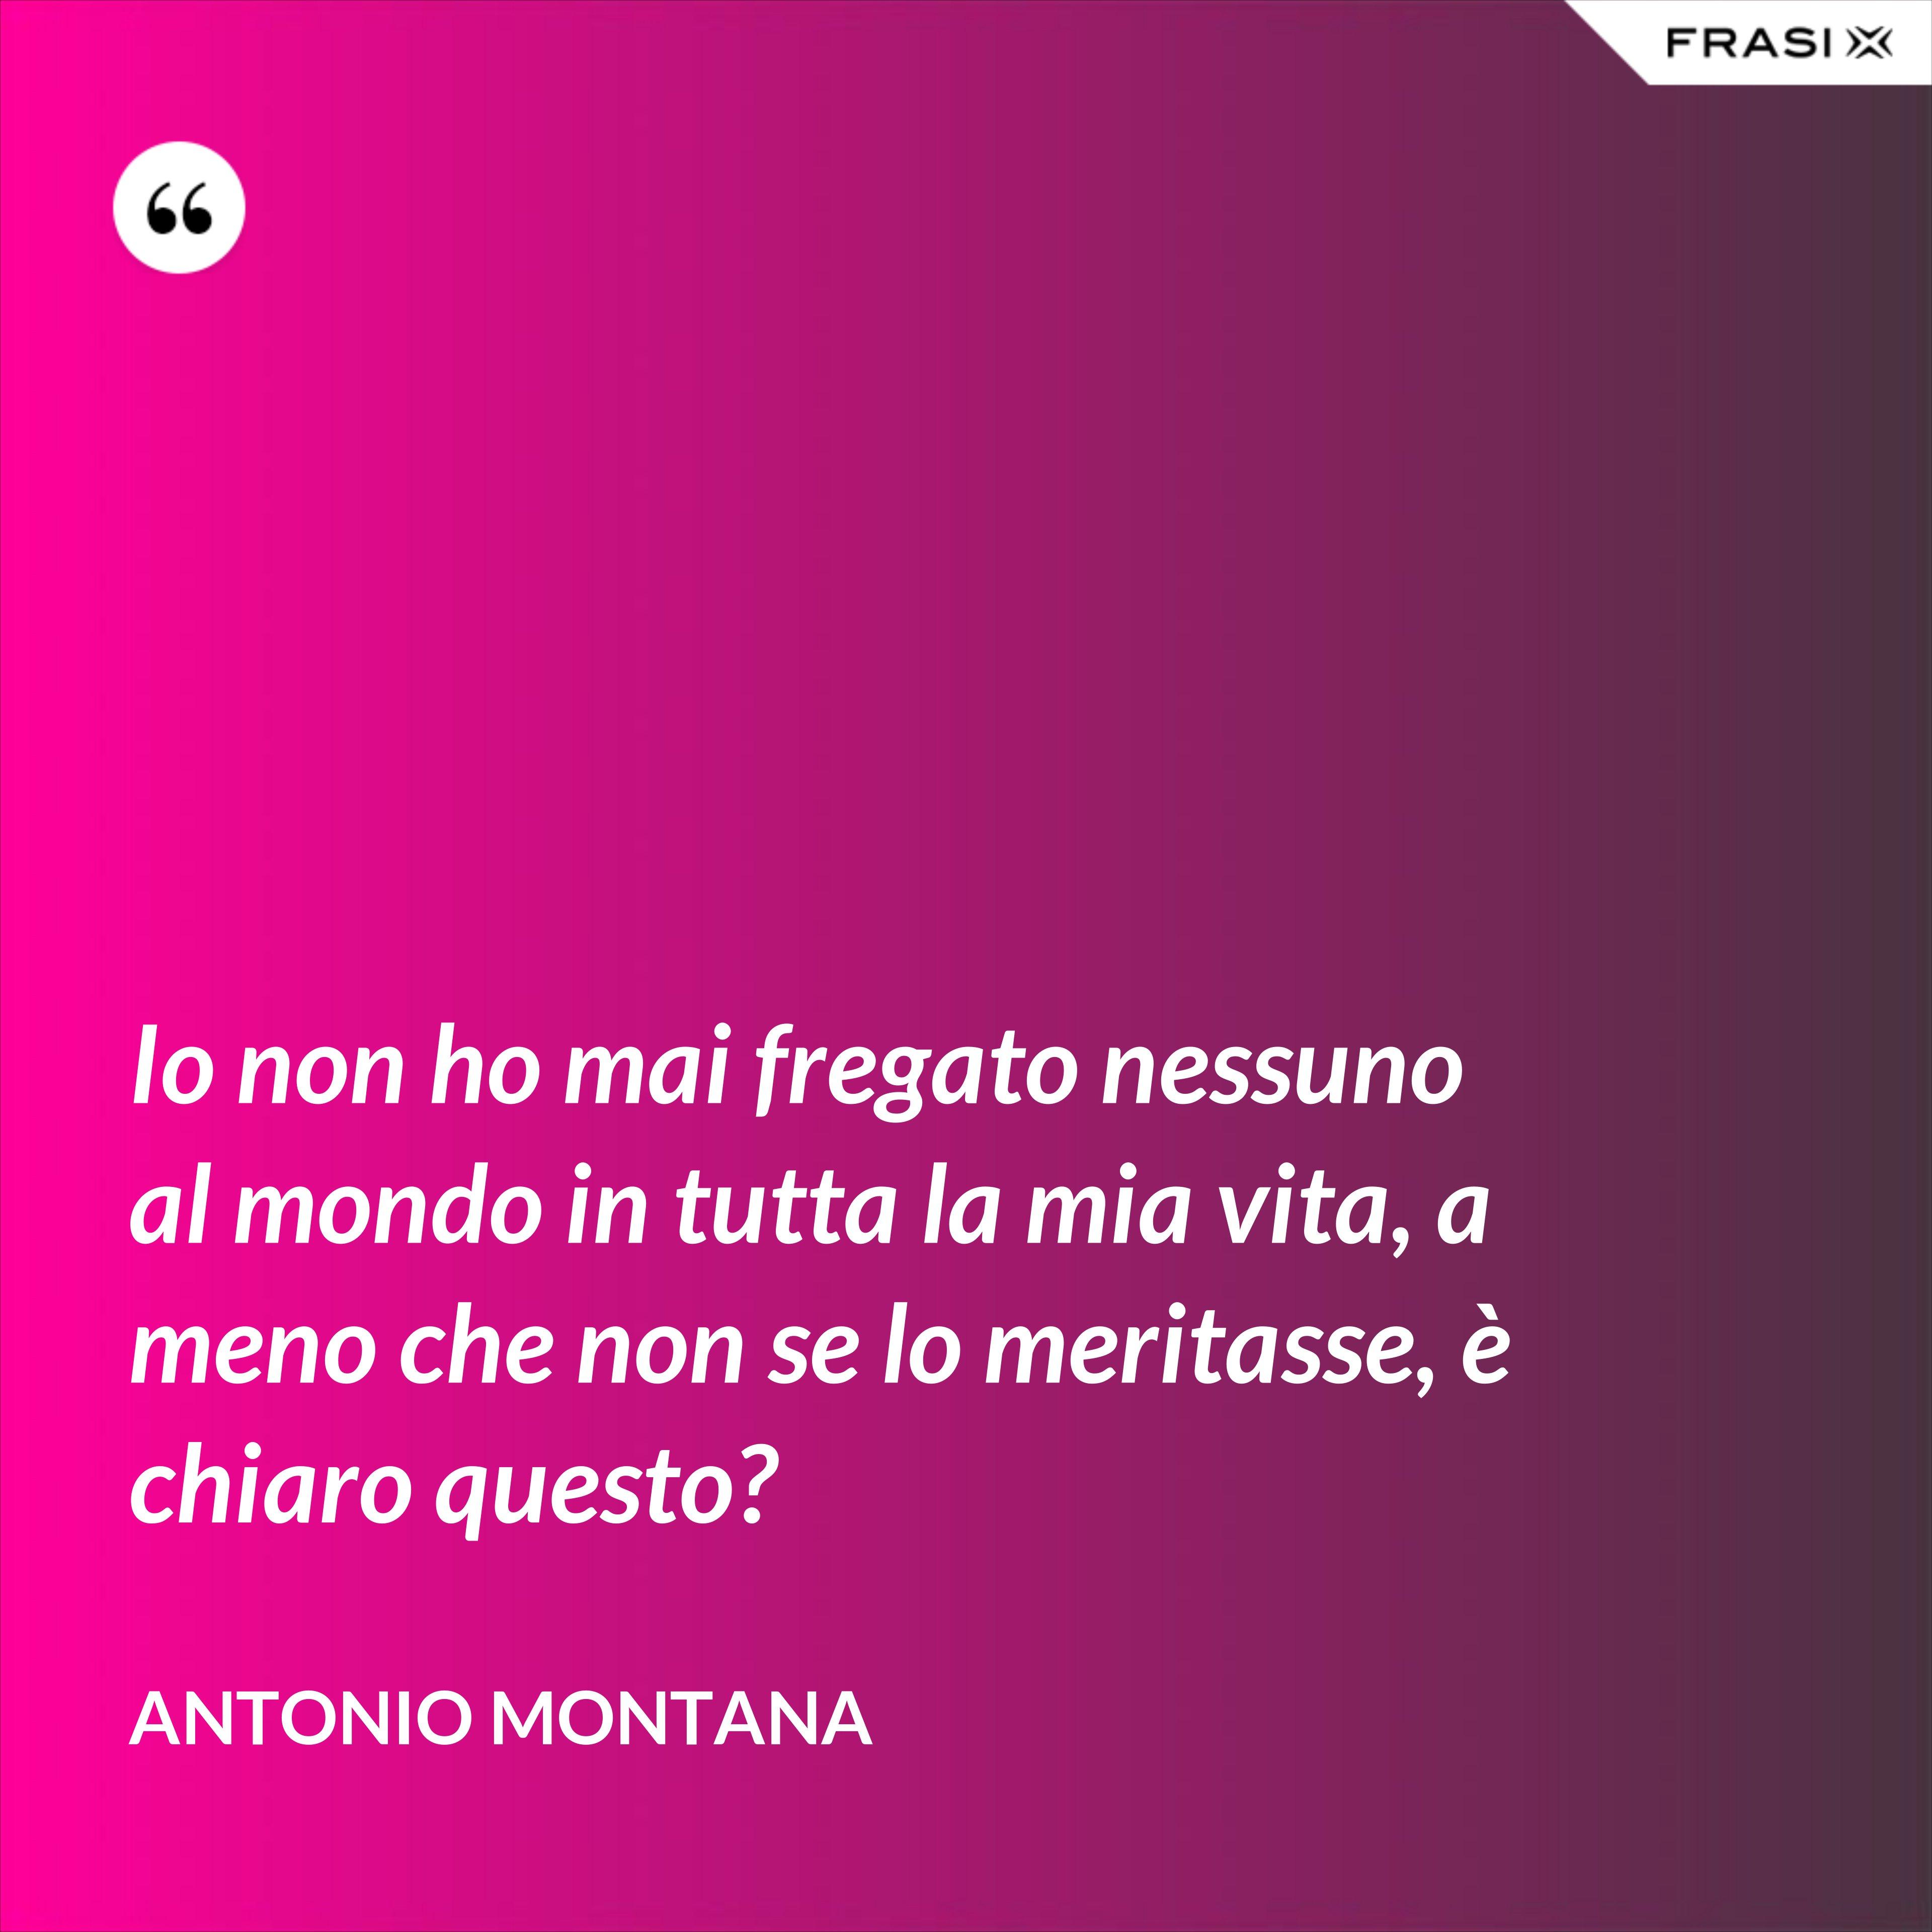 Io non ho mai fregato nessuno al mondo in tutta la mia vita, a meno che non se lo meritasse, è chiaro questo? - Antonio Montana